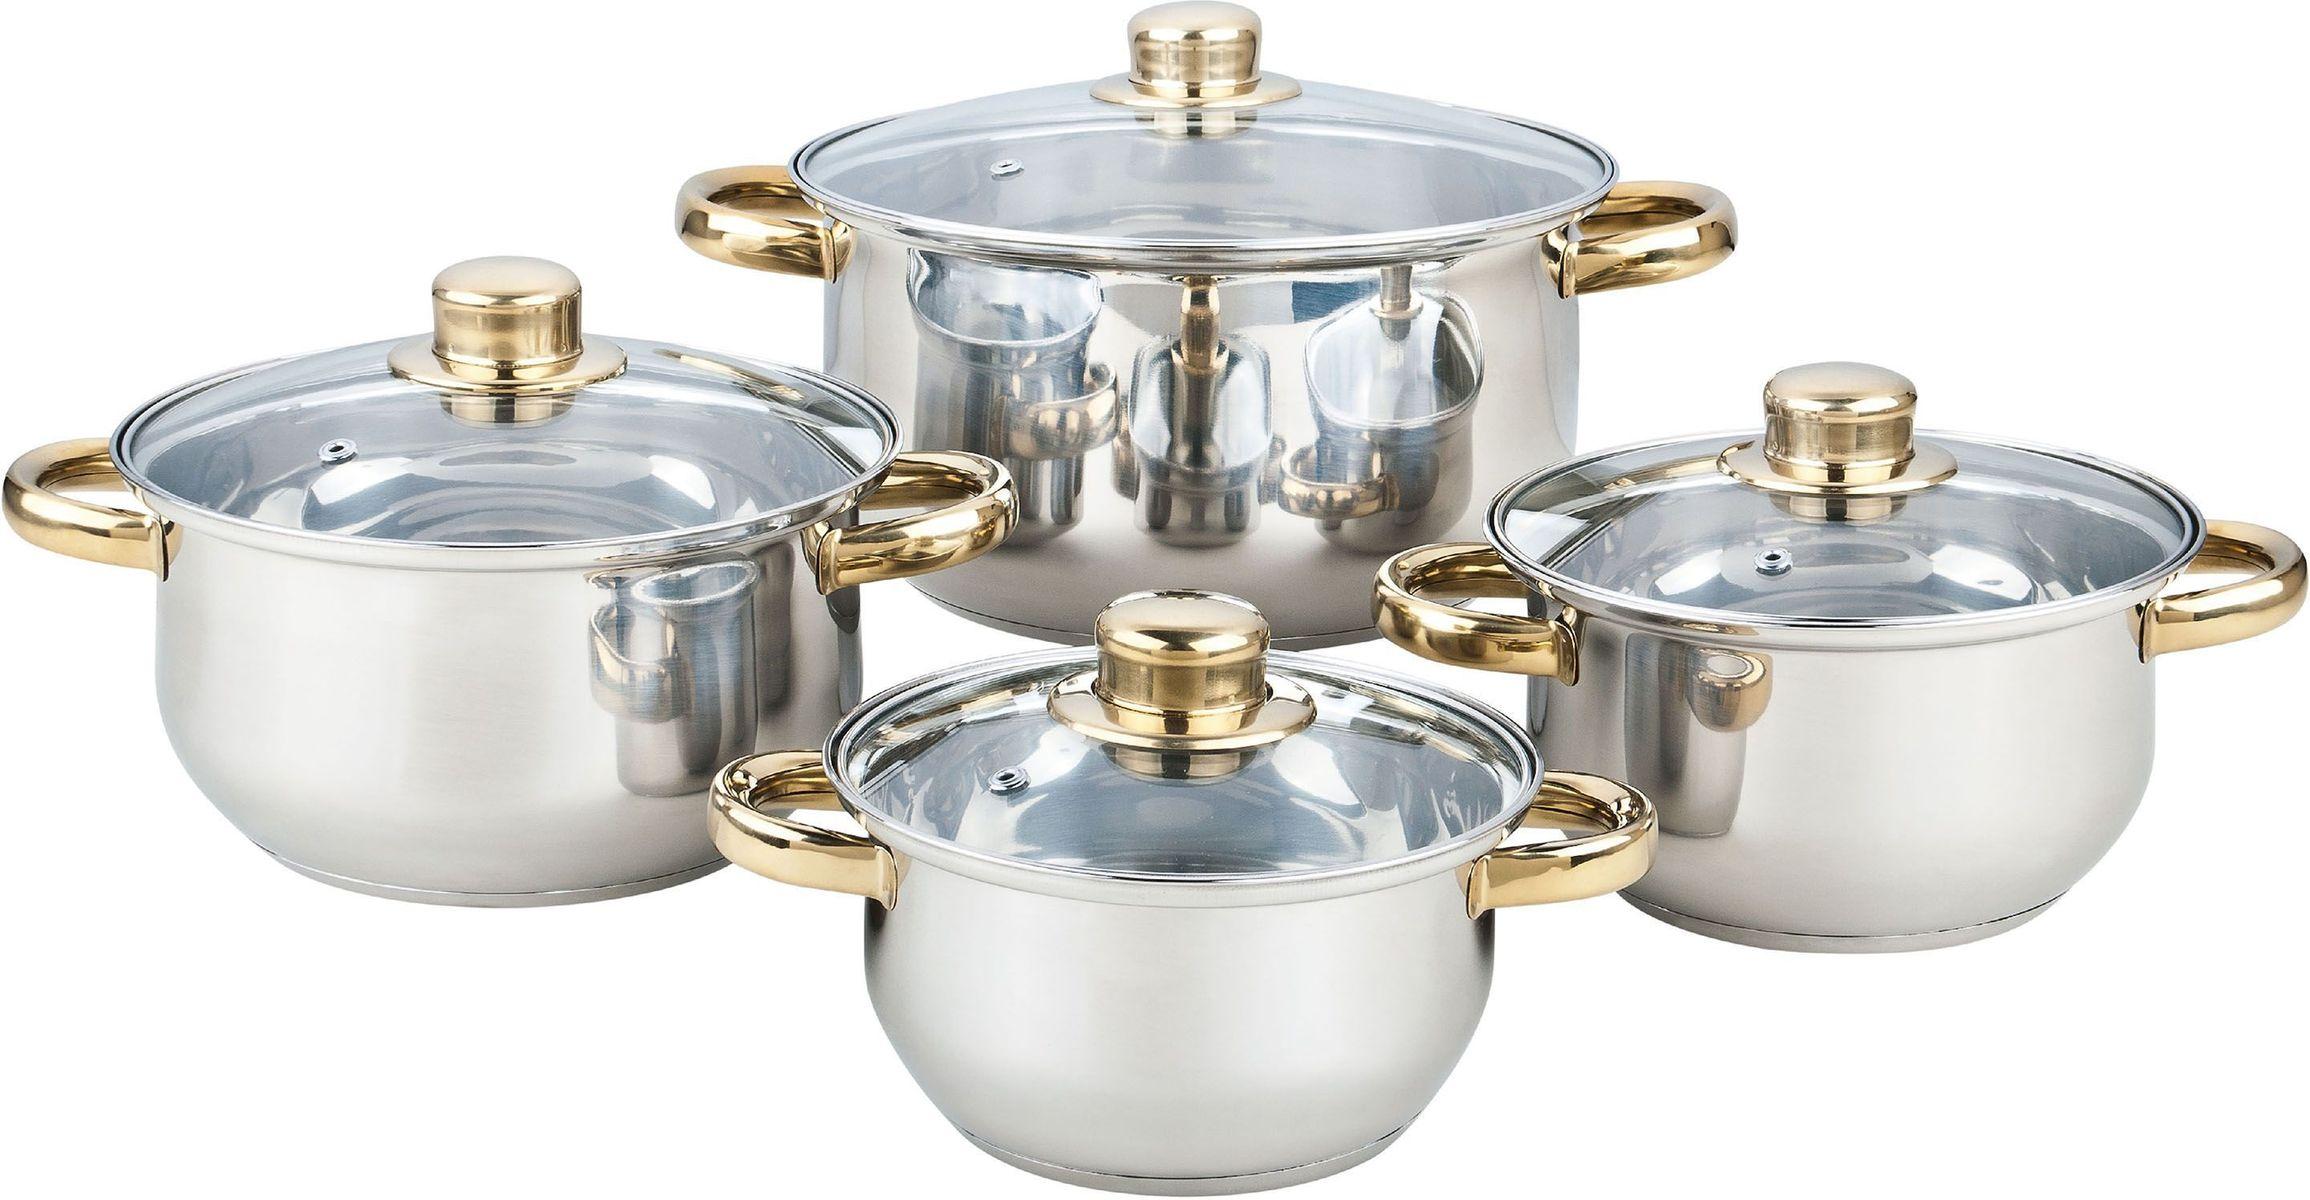 Набор посуды Bekker Classic, 8 предметов. BK-4603BK-46038 предметов: 4 кастрюли со стеклянными крышками 16см/1,5л, 18см/2,1л, 20см/3л, 24см/6л. Ручки из нерж.стали под золото, поверхность зеркальная, капсулированное дно, толщина стенки 0,3 мм, дна 1,0 мм. Подходит для чистки в посудомоечной машине. Состав: нержавеющая сталь.